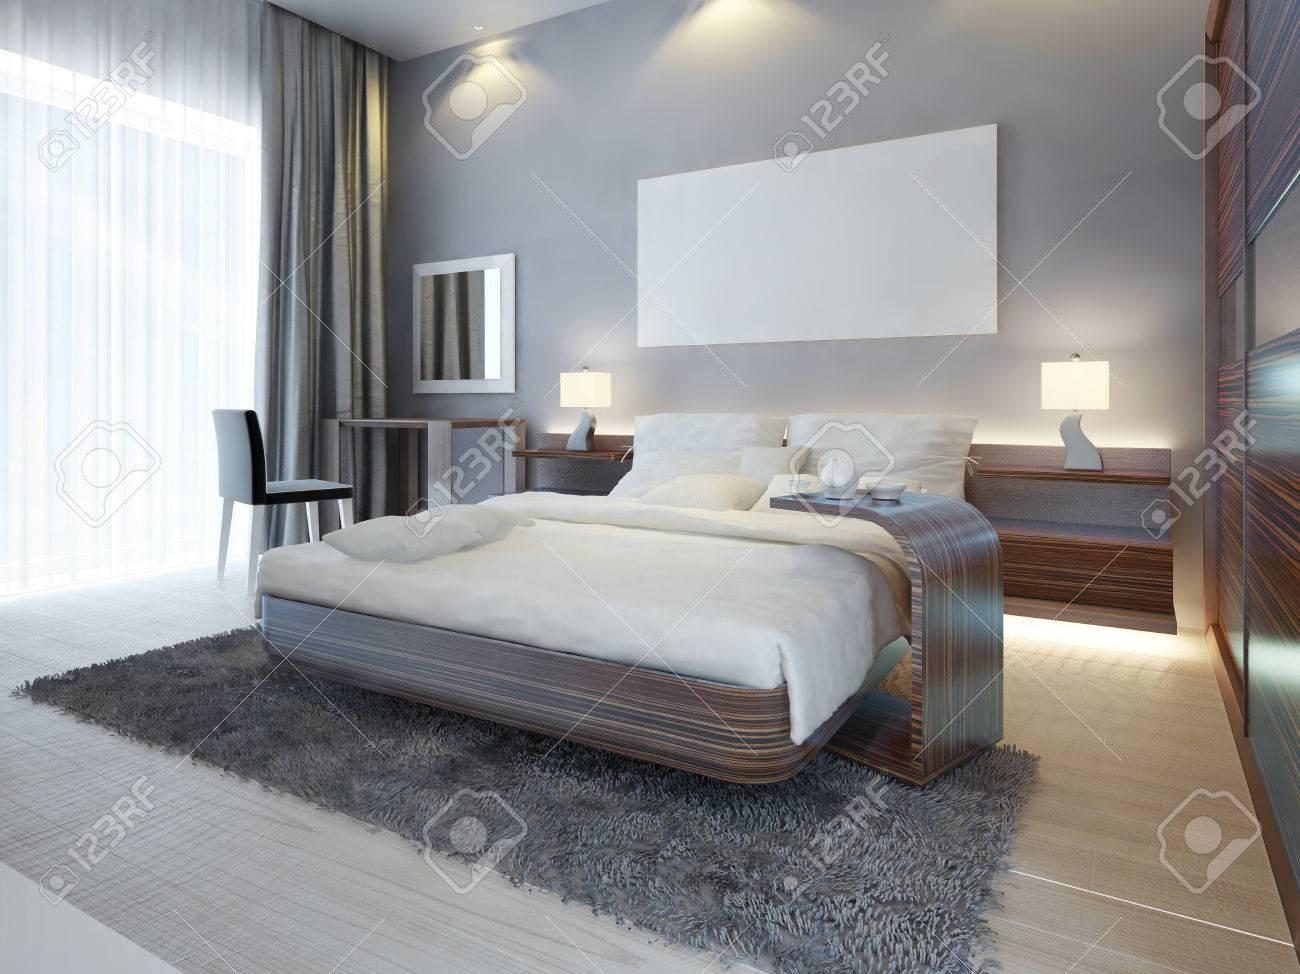 Große Luxus Schlafzimmer Im Modernen Stil Weiß, Braun Und Grau Farben. Ein  Großes